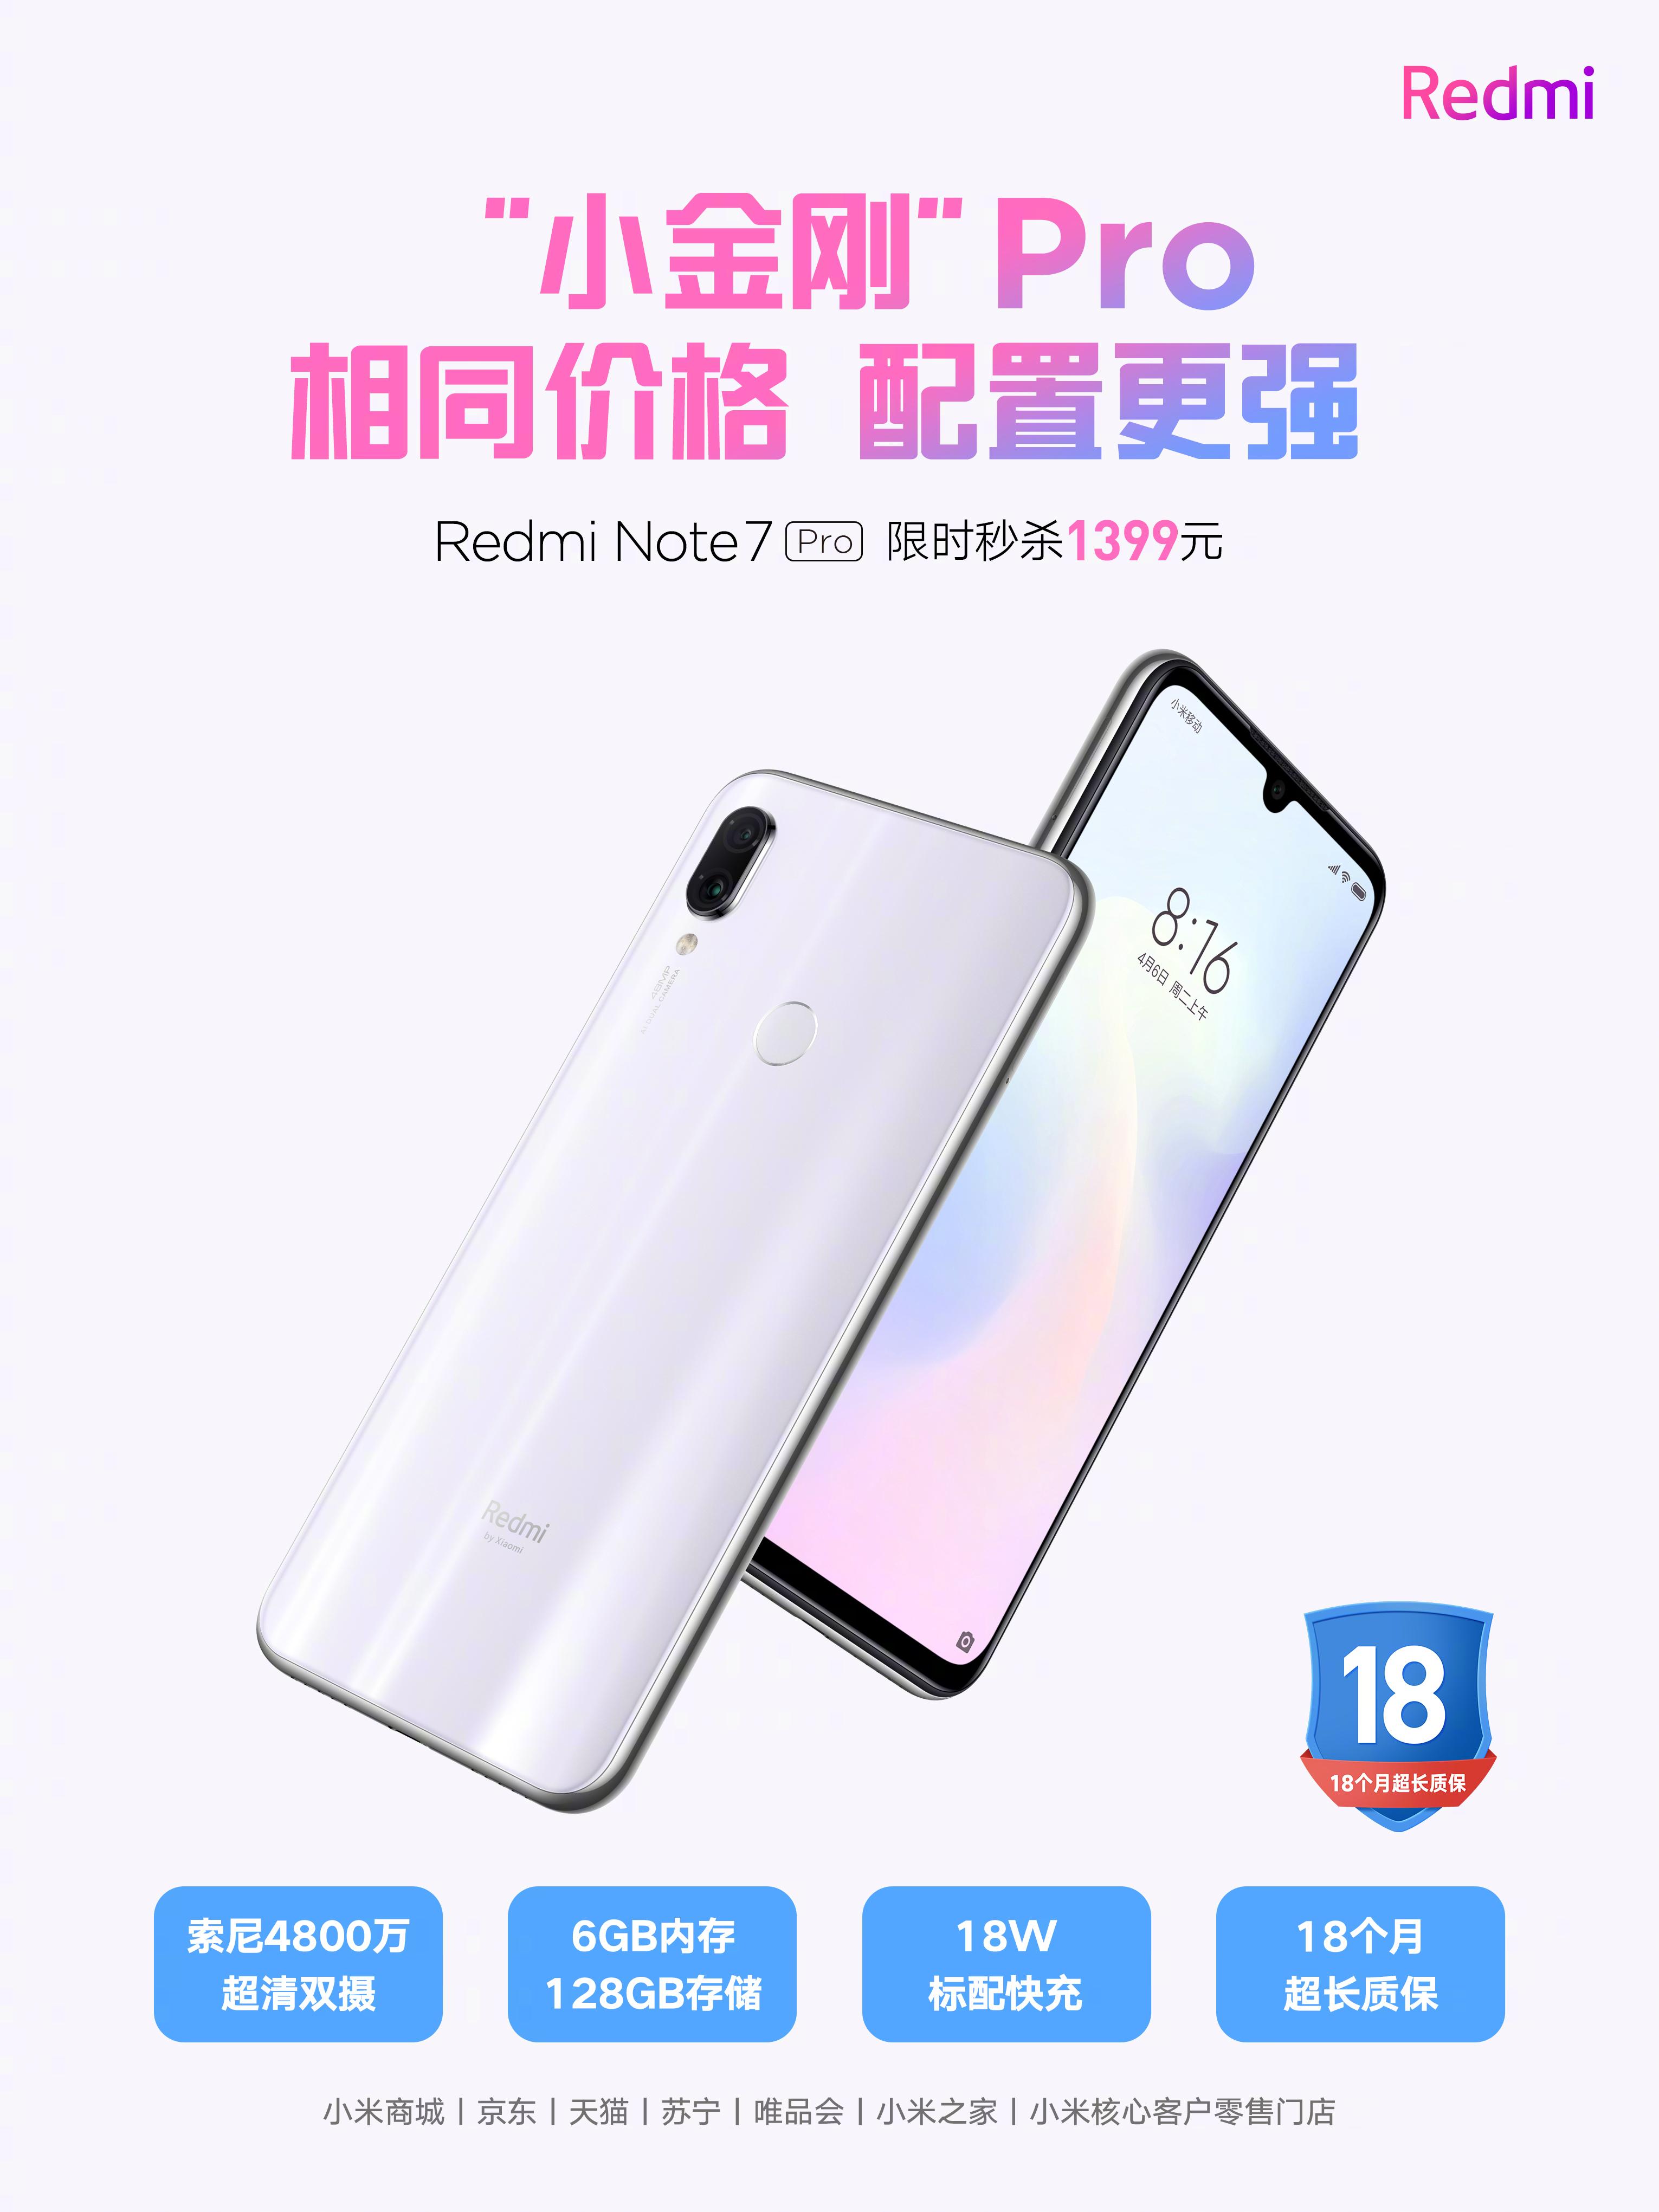 剑指荣耀9X?红米Note 7 Pro限时降价:1399元